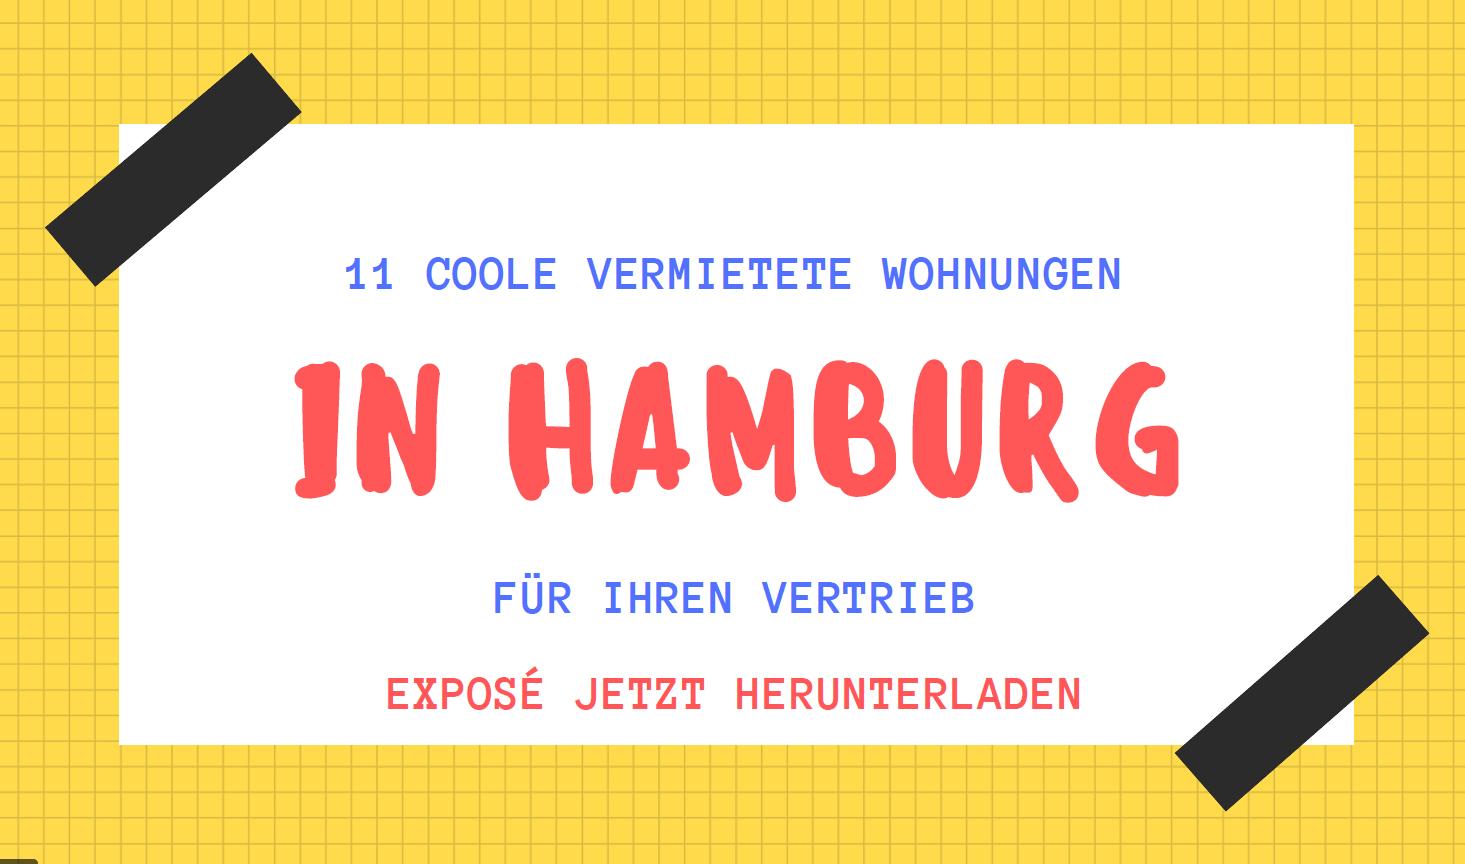 11 vermietete Wohnungen in Hamburg für Ihren Vertrieb